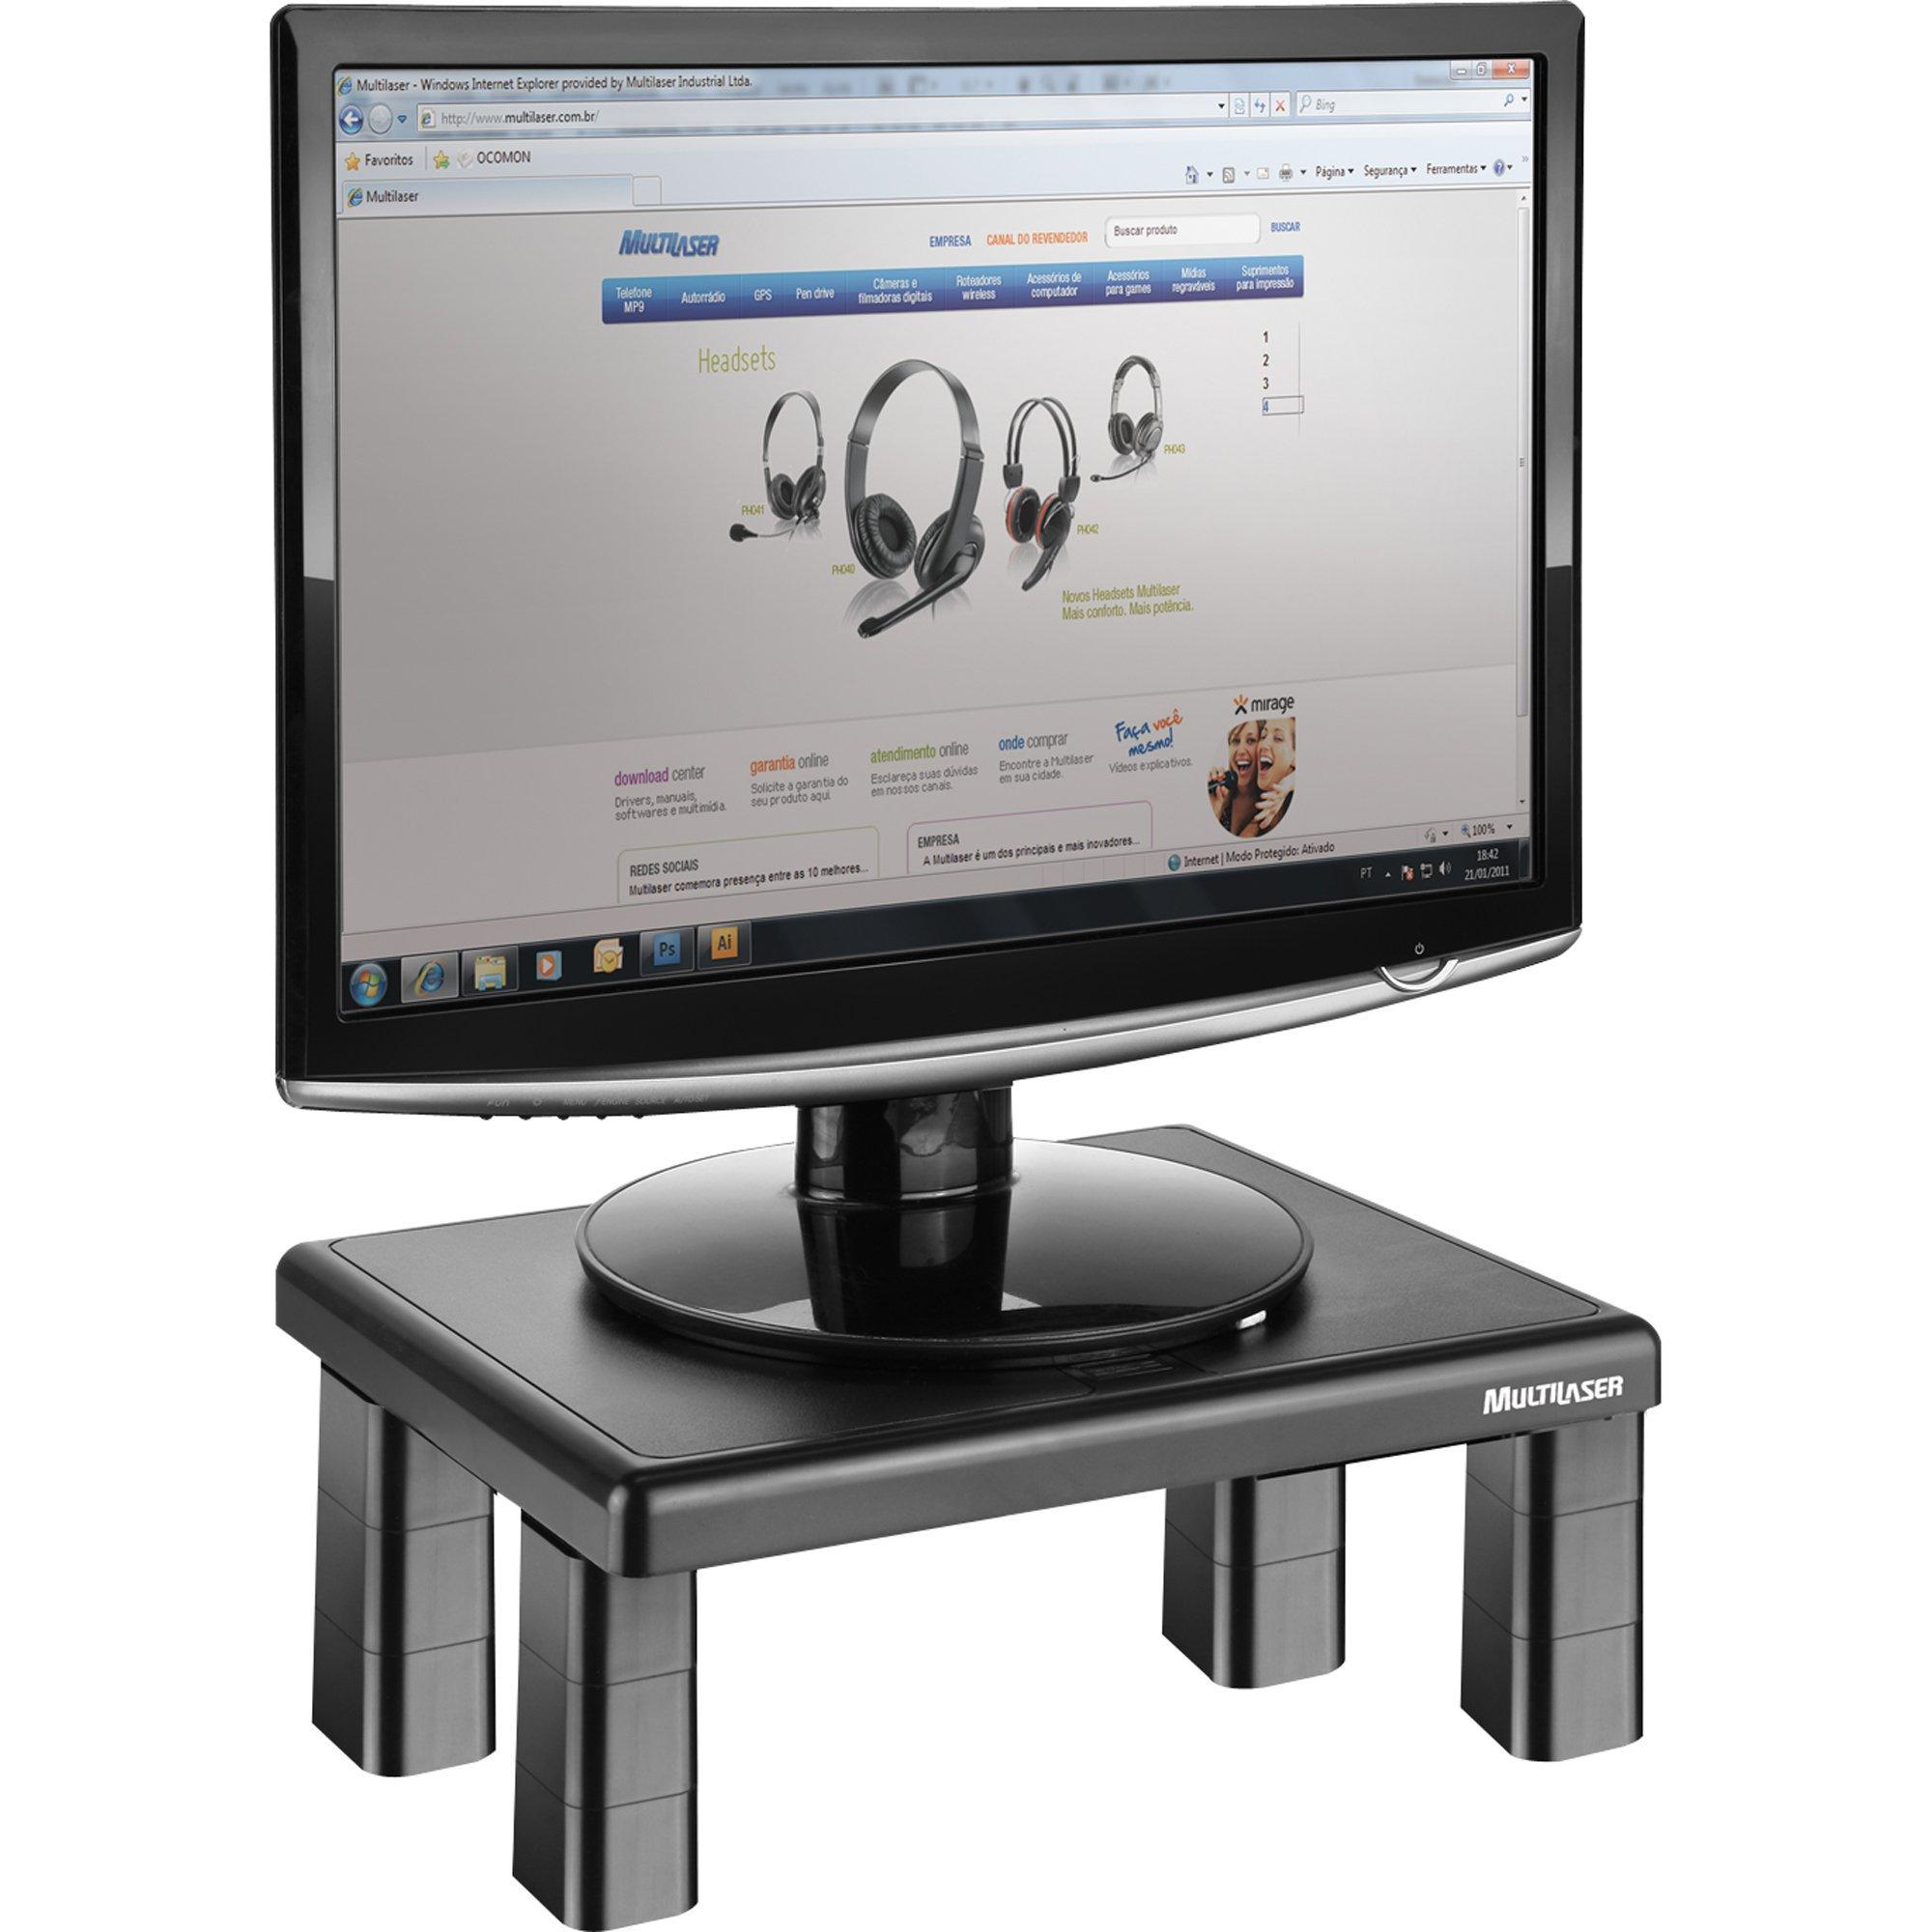 suporte quadrado notavel multilaser ac125 preto para monitor 31578 2000 160561